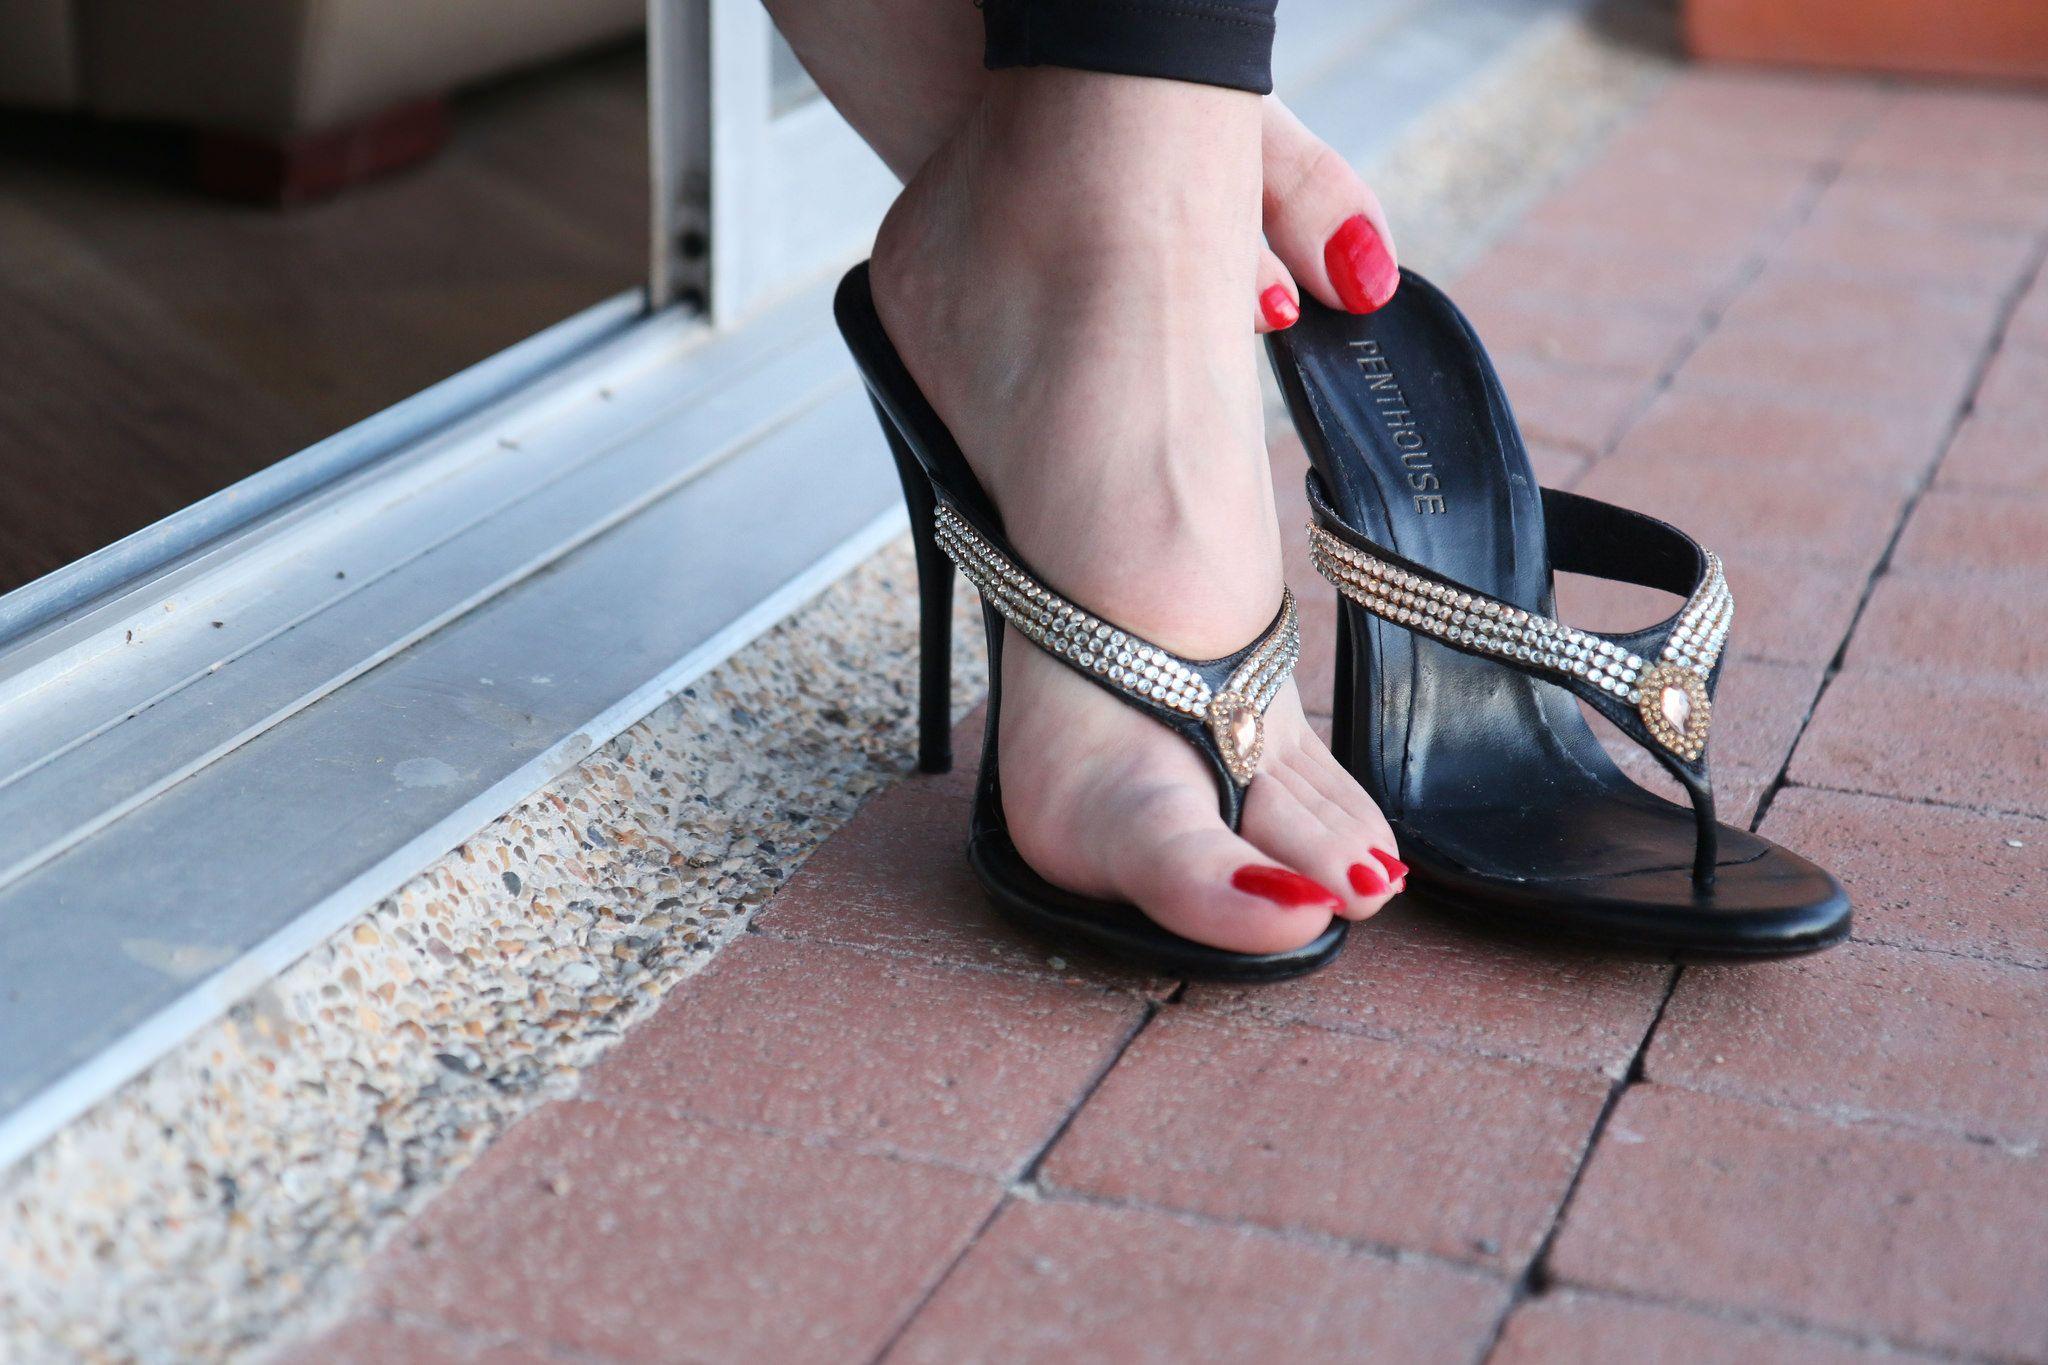 Women Wearing High Heels Cheap Online